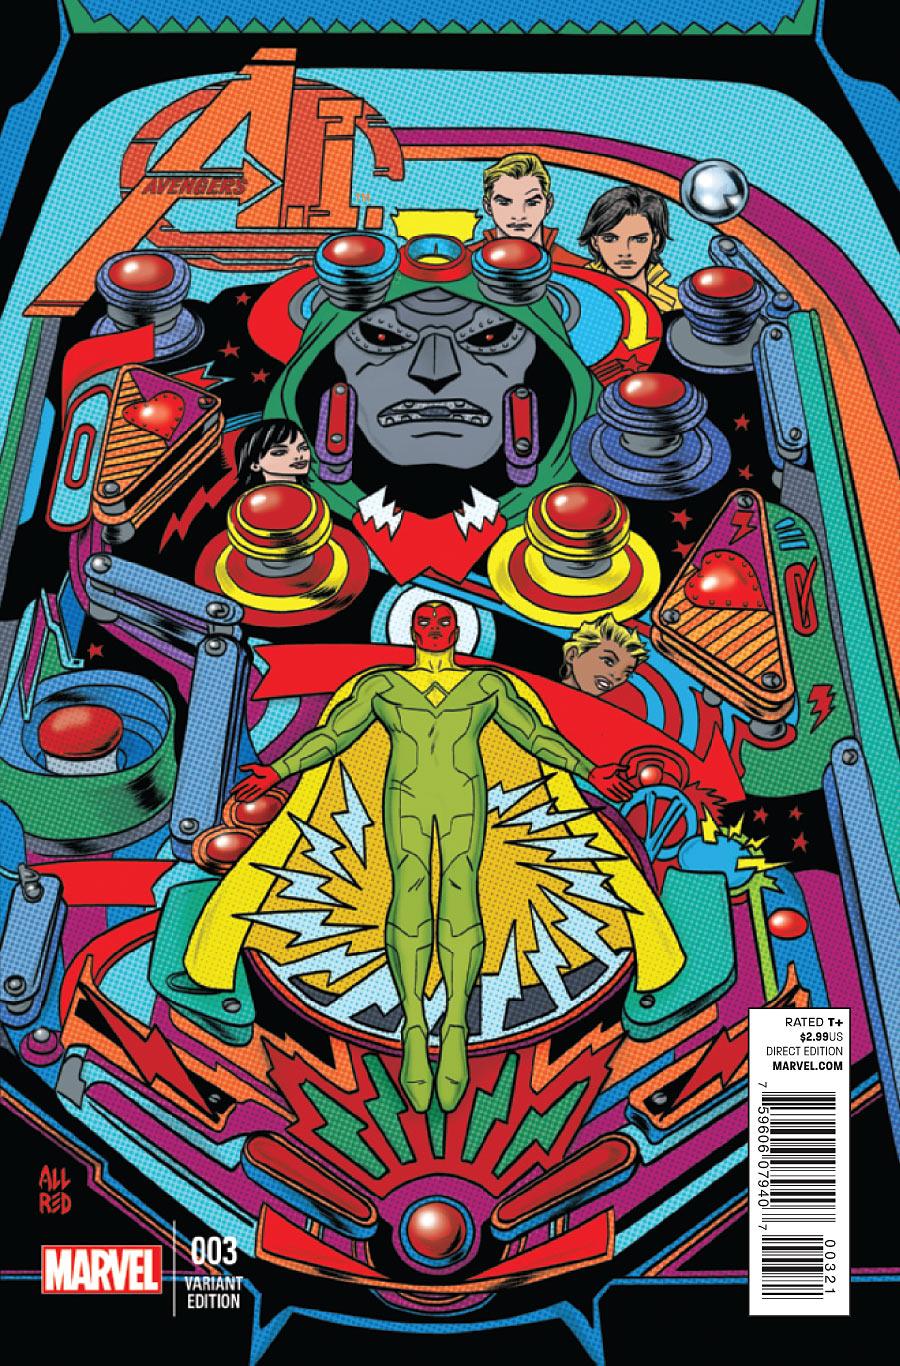 Avengers A.I. Vol 1 3 Allred Variant.jpg